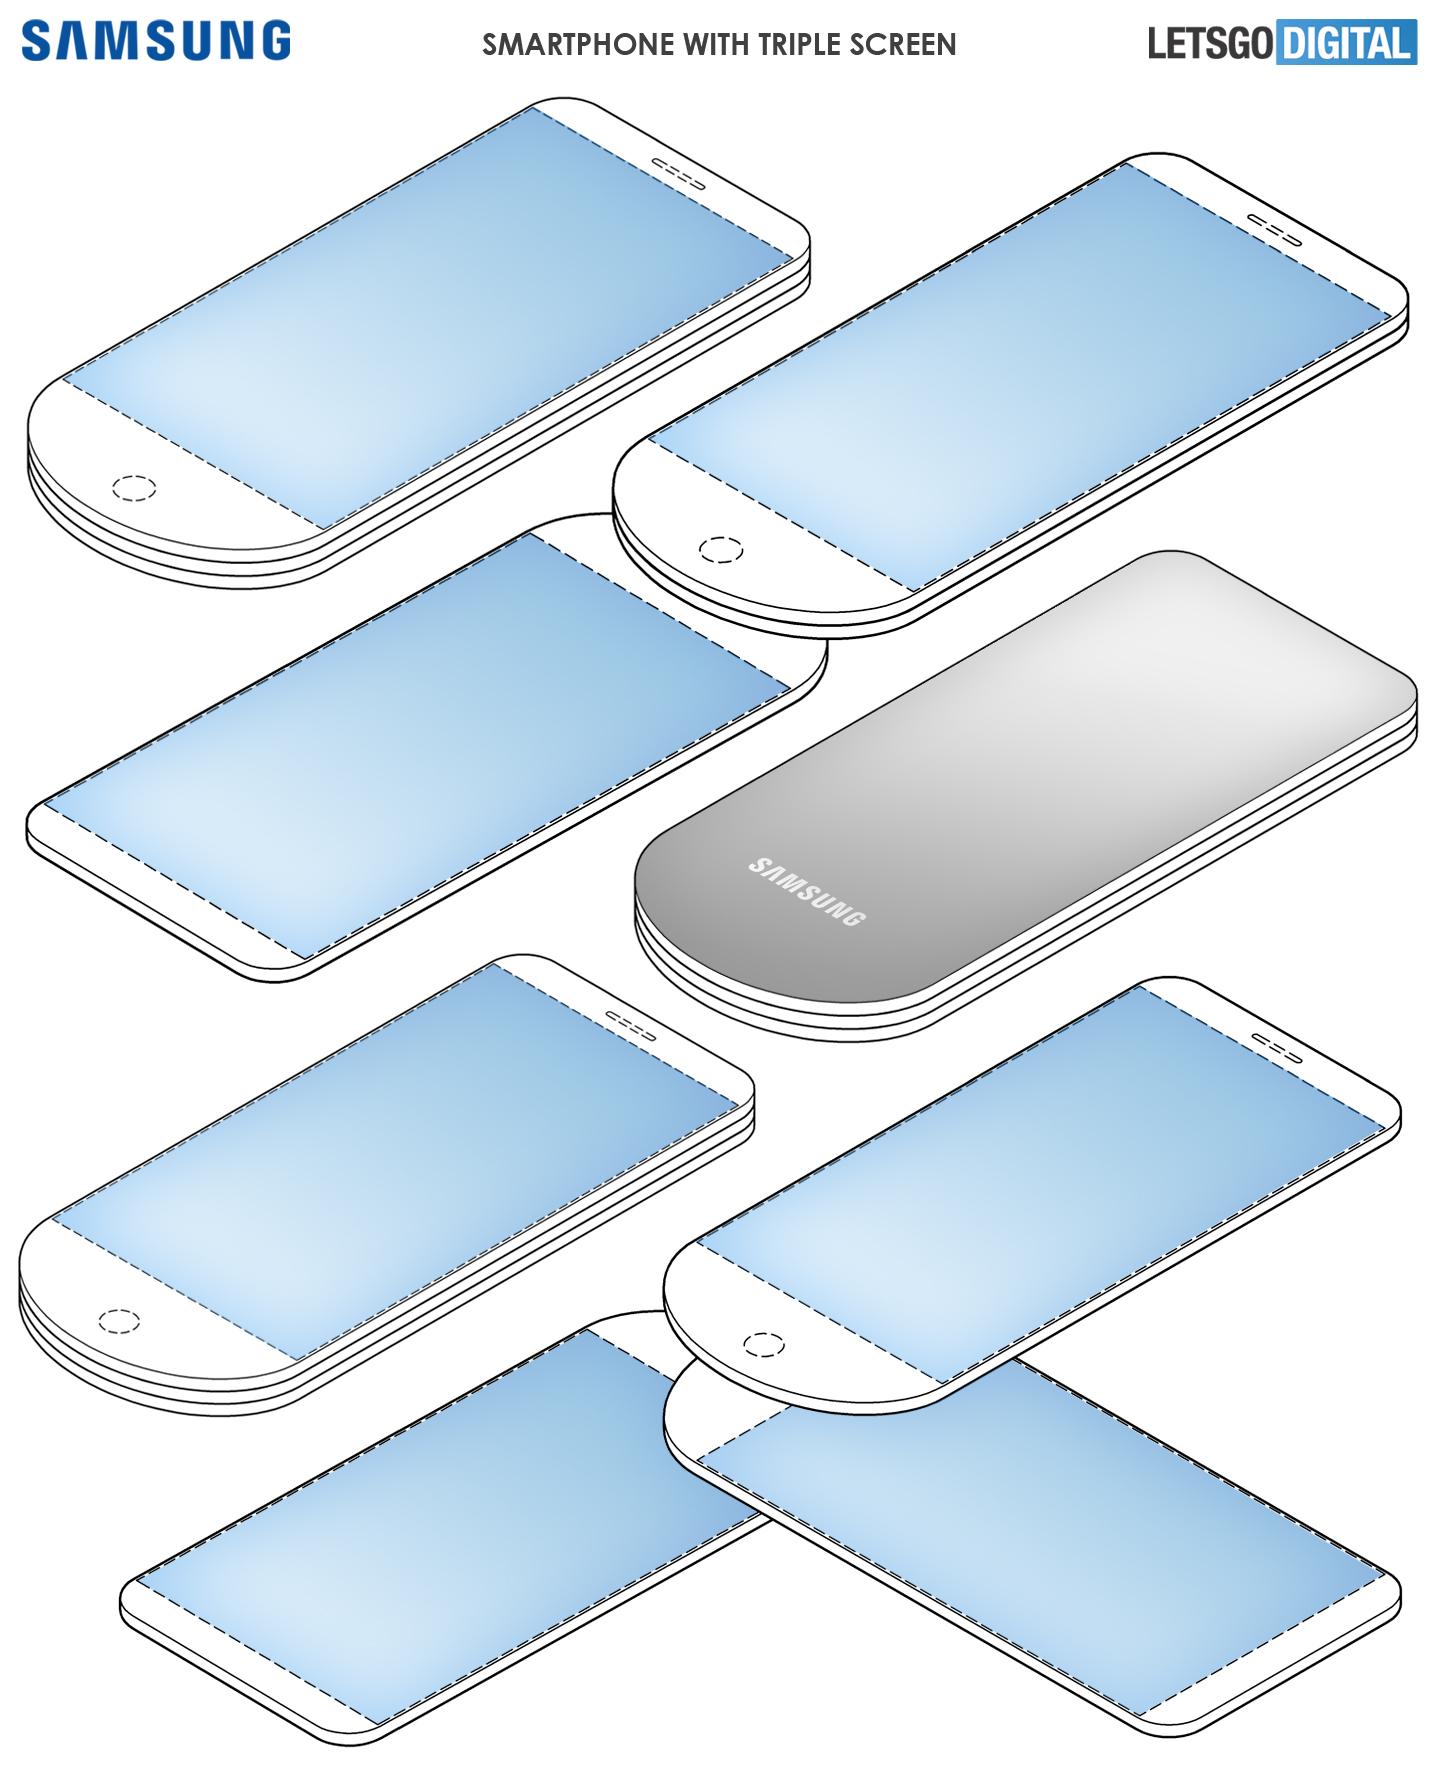 Uitschuifbare Samsung telefoon